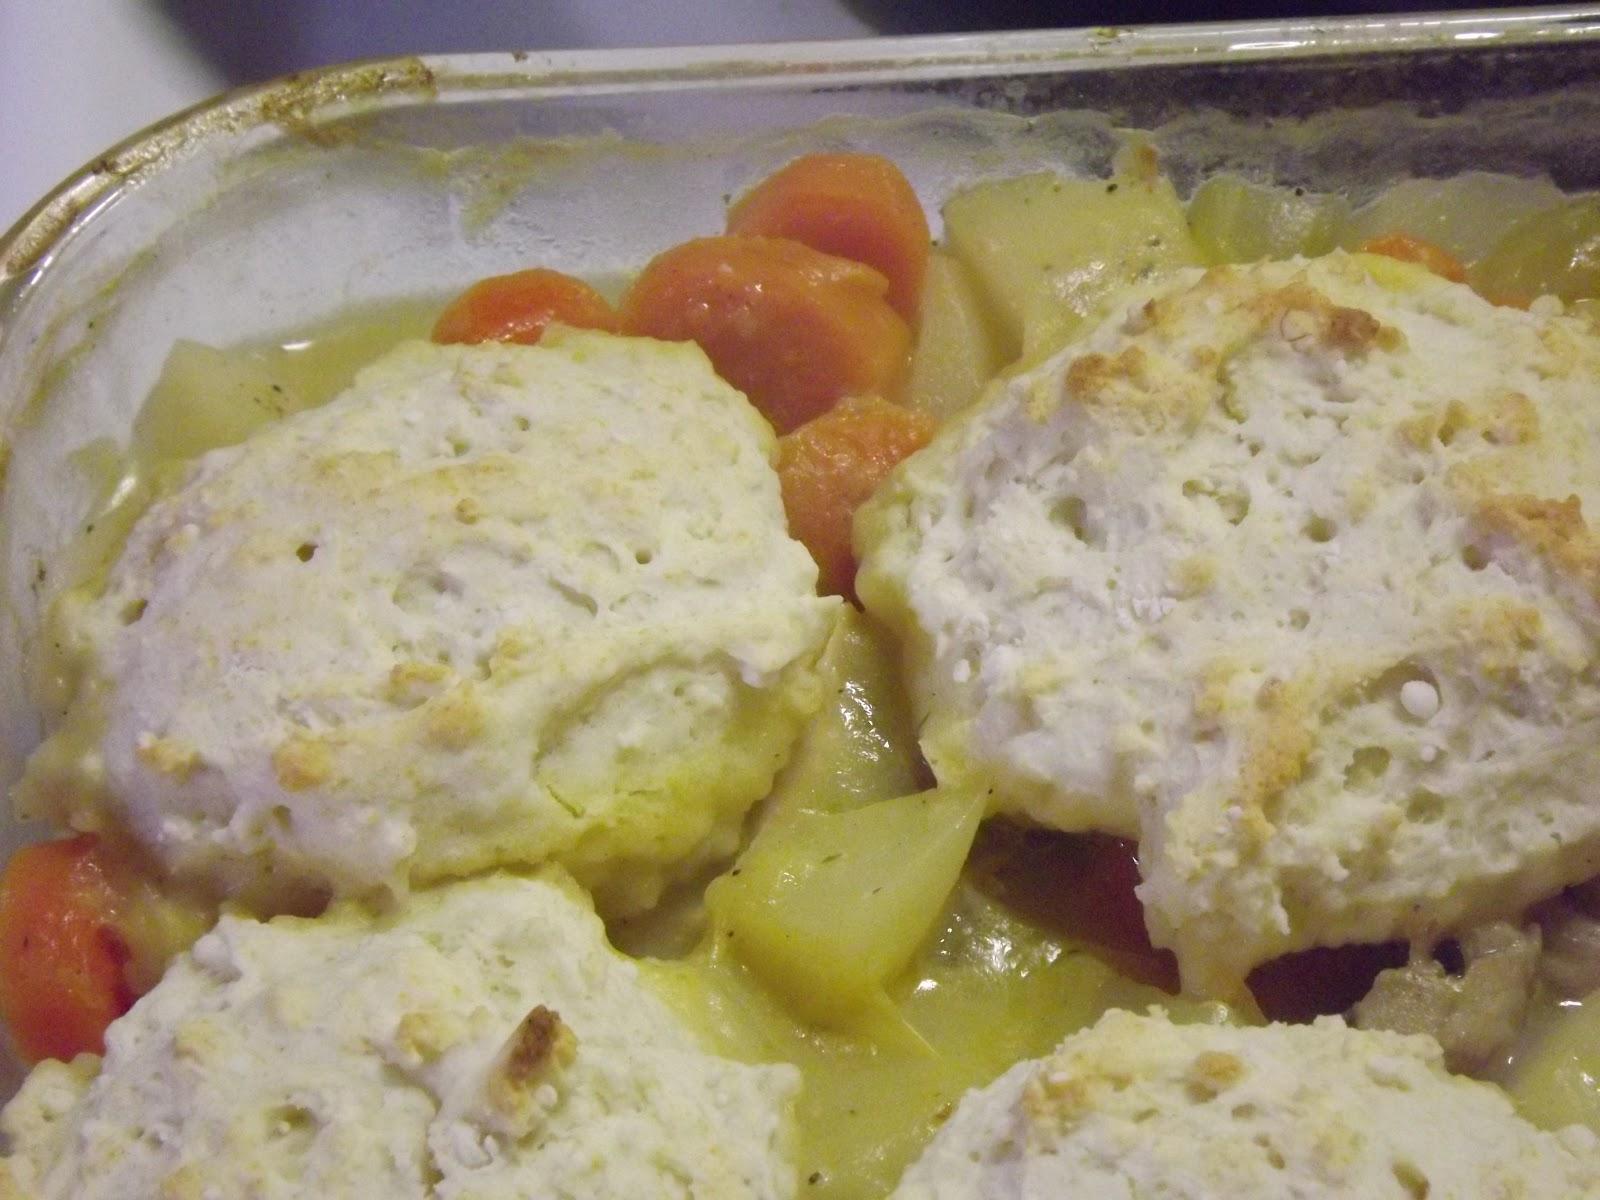 ... , cream of chicken soup, chicken broth, salt, pepper, biscuit mix